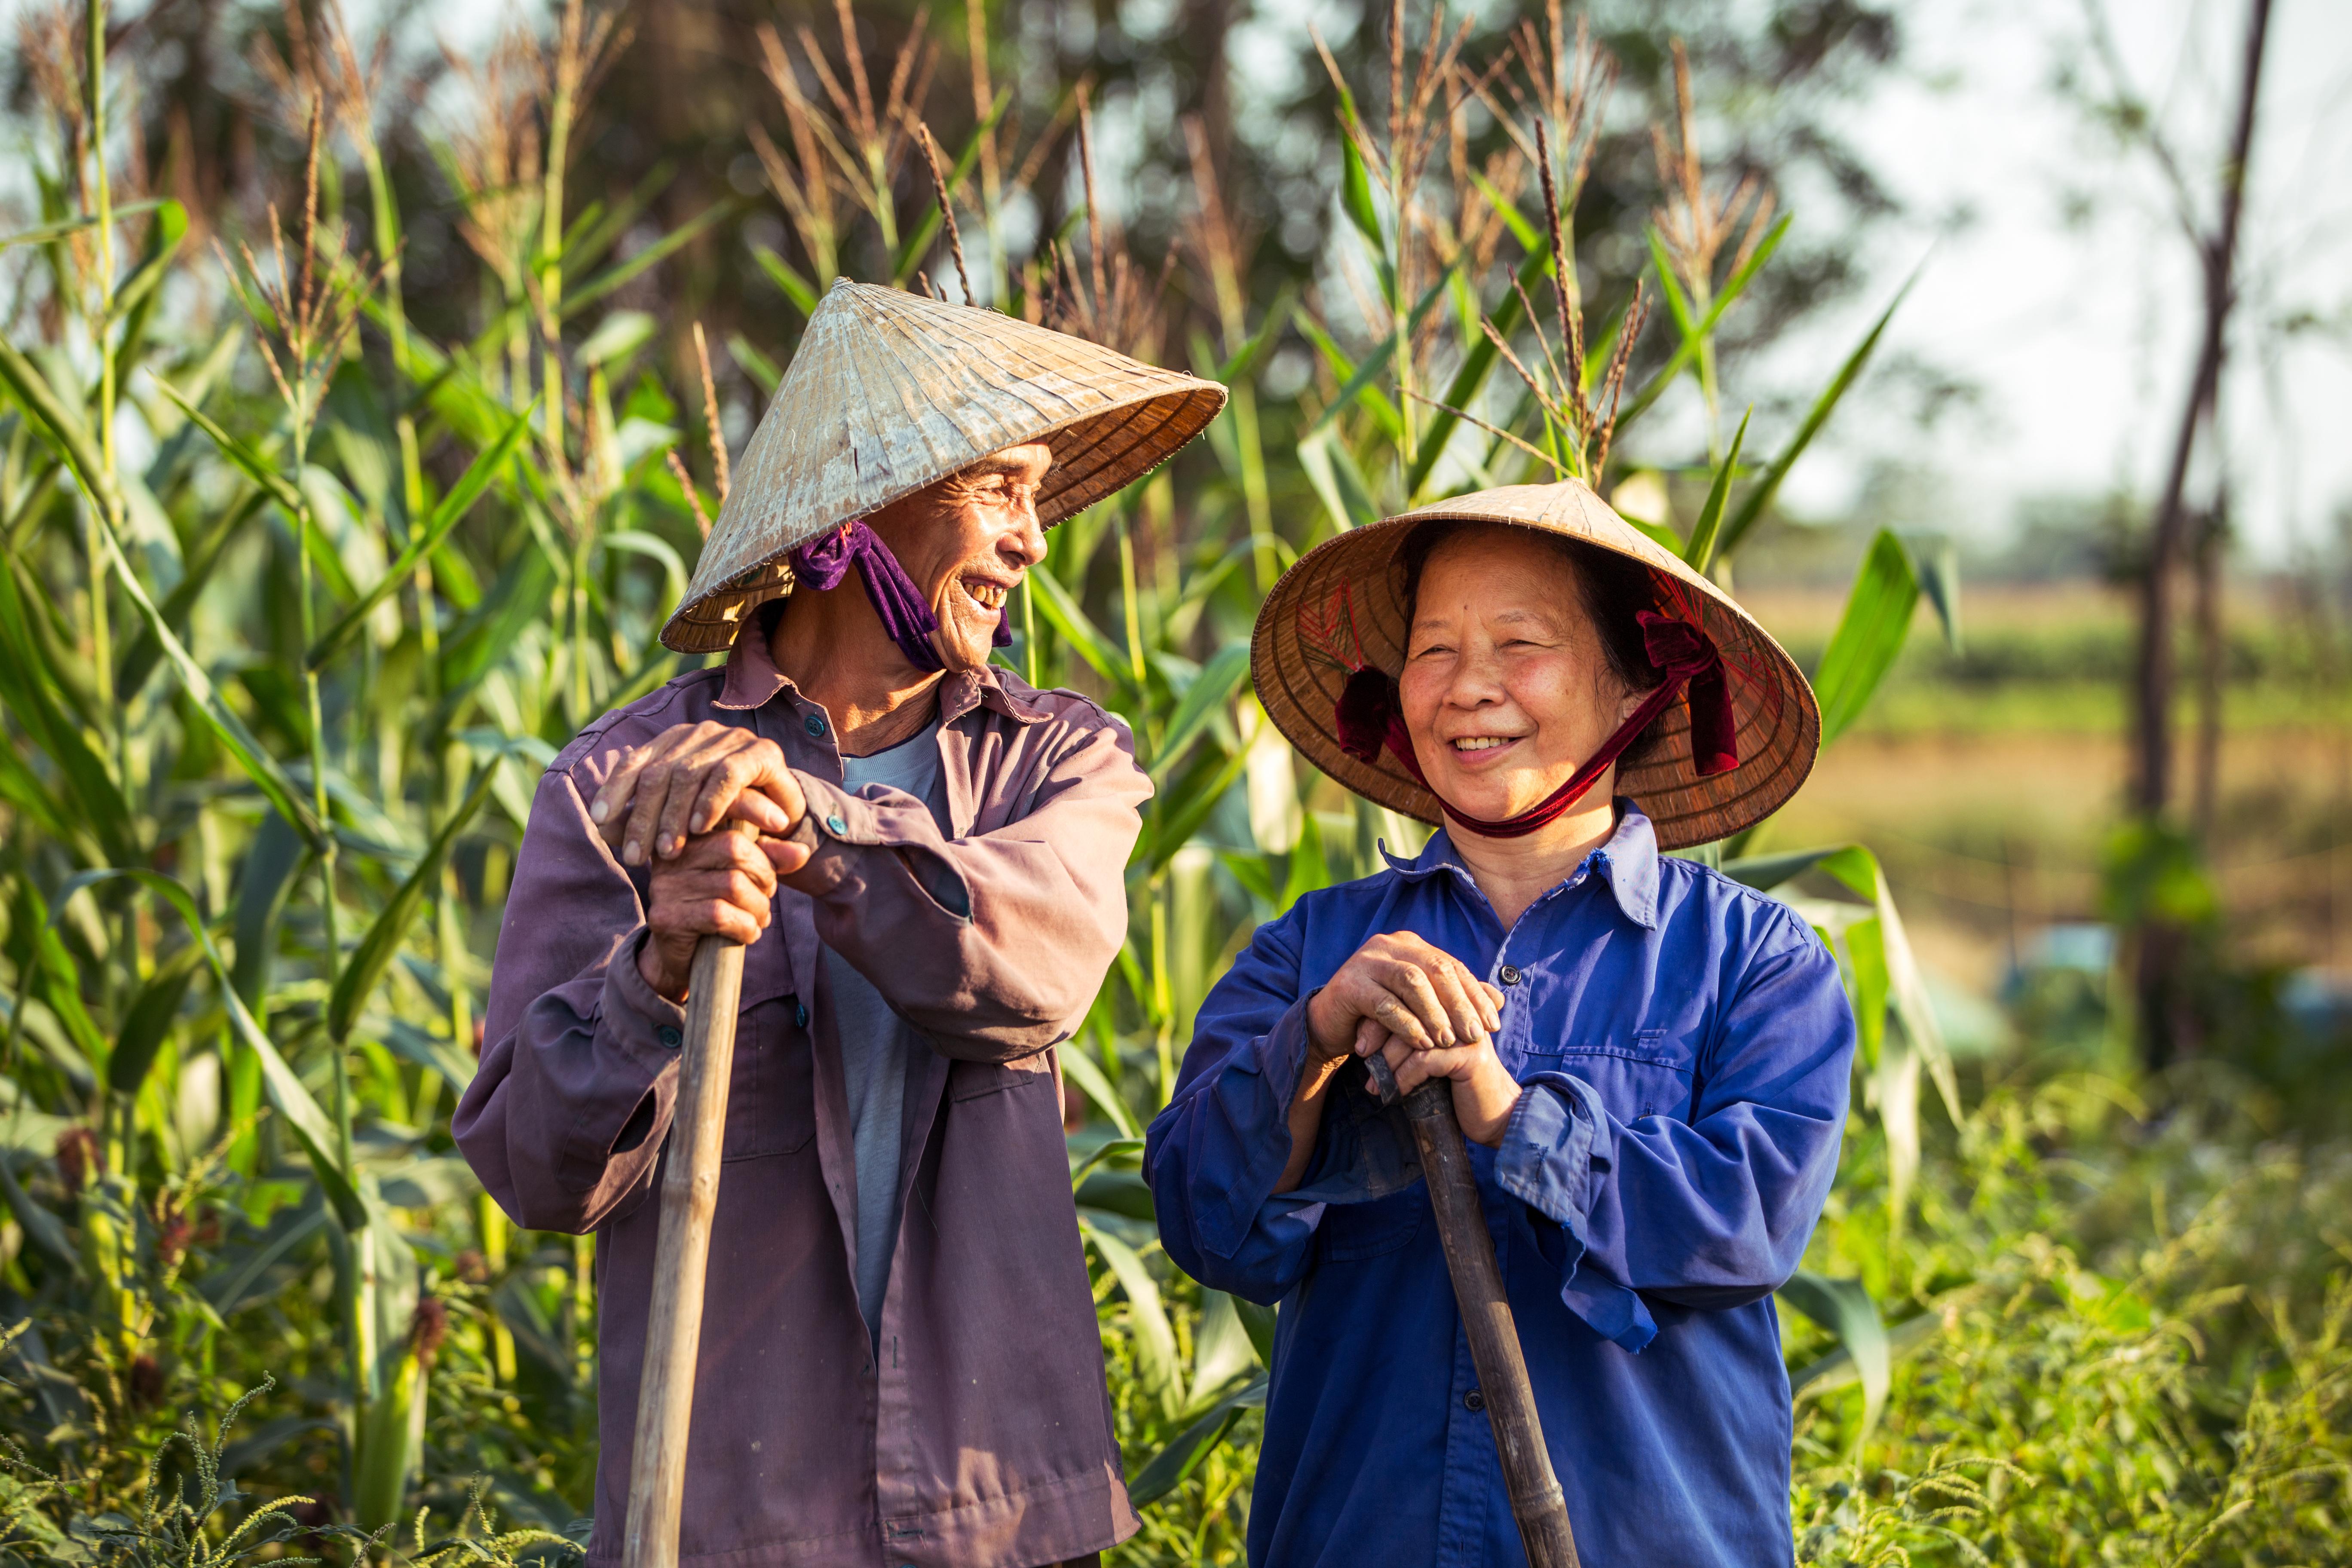 <p>3. Виетнам Тези конични шапки са известни като &bdquo;n&oacute;n l&aacute;&ldquo; и са направени от слама. Купуването на такава за сувенир, с който да украсите къщата си или за подарък, са две чудесни възможности.</p>